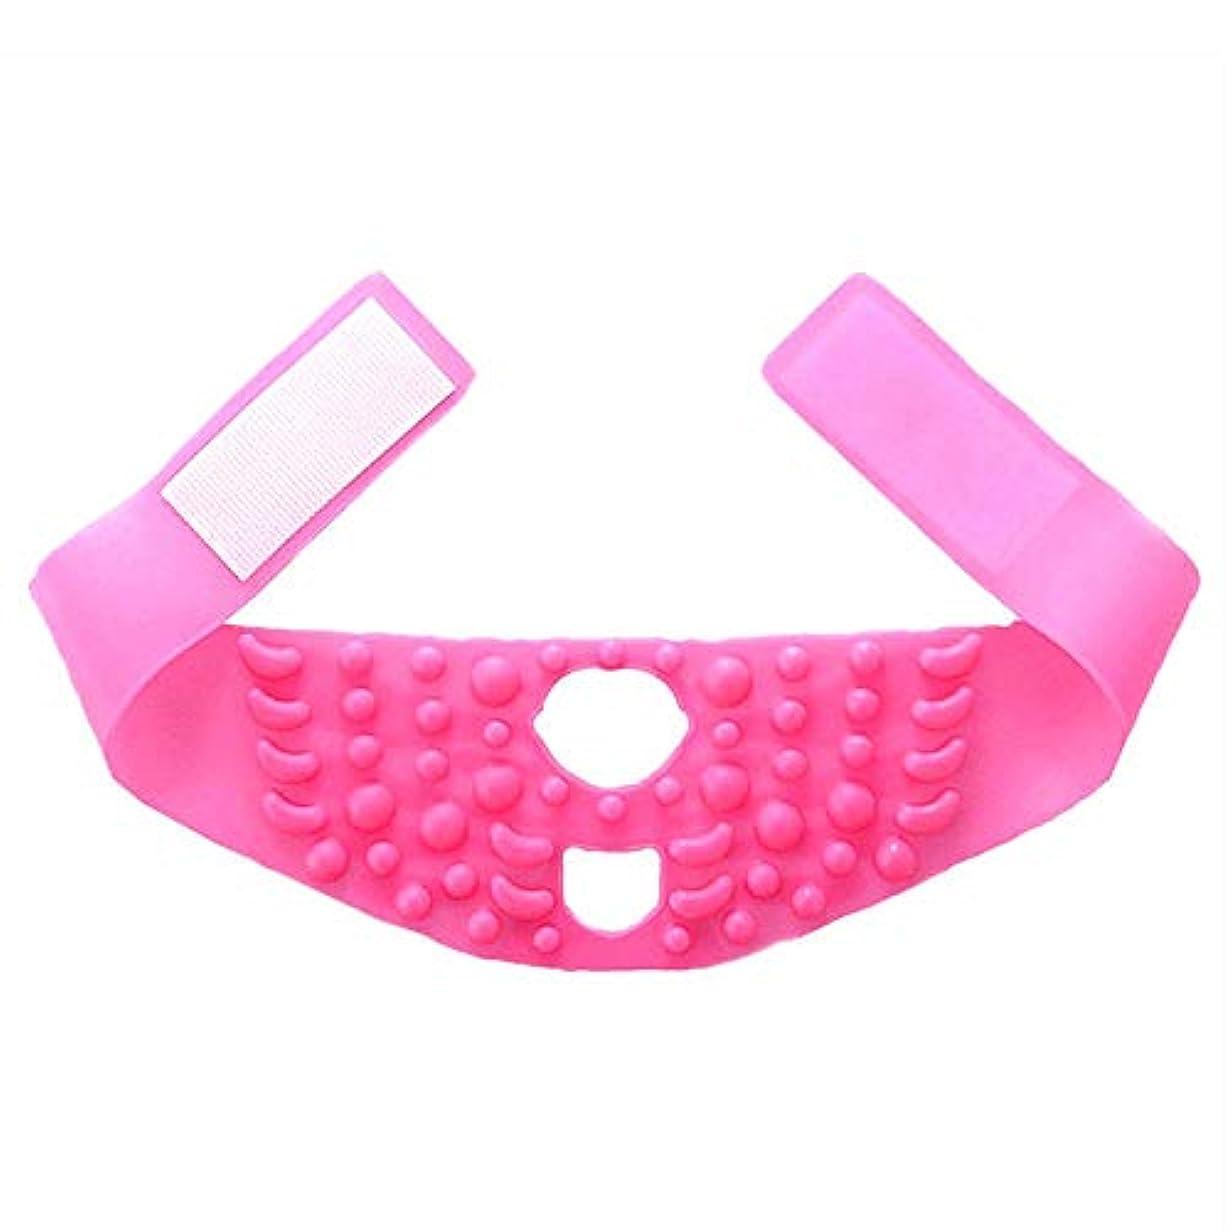 行政音声ましいシンフェイスマスクシリコーンマッサージ引き締まった形の小さなVフェイスリフティングに薄いフェイスアーティファクト包帯を飾る - ピンク